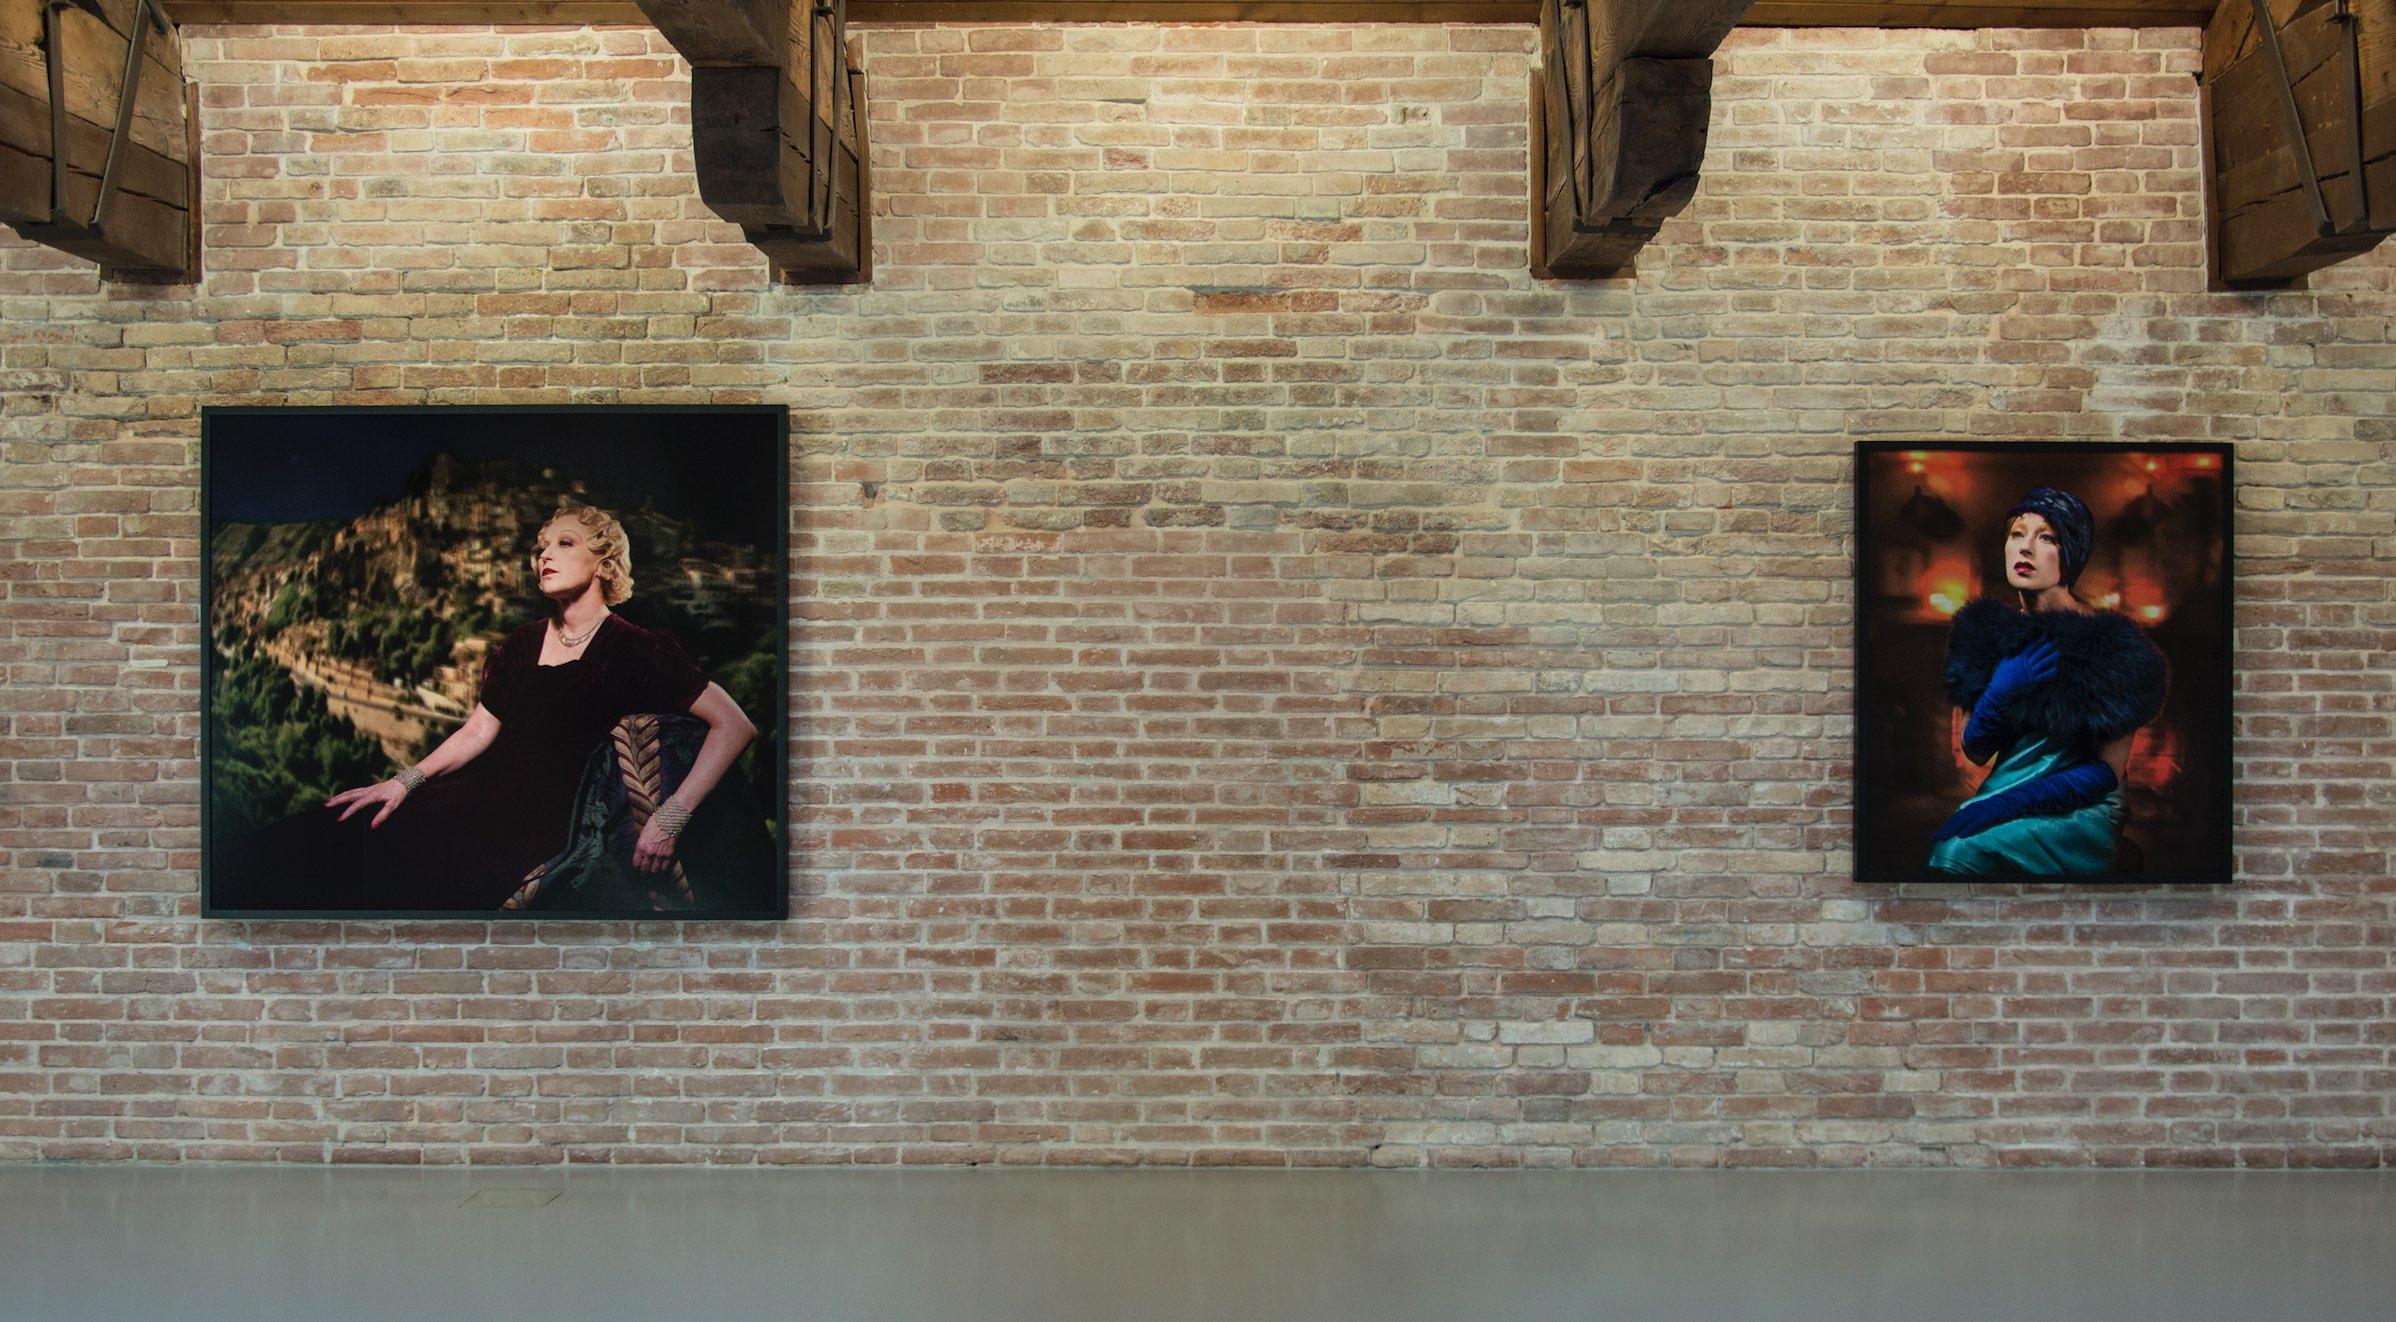 Collection Pinault, Fondation Pinault, Fondazione Pinault, Venezia, Punta della Dogana, Palazzo Grassi, Italia, Cindy Sherman, Maurizio Cattelan, Alighiero Boetti, mostre, Dancing with myself